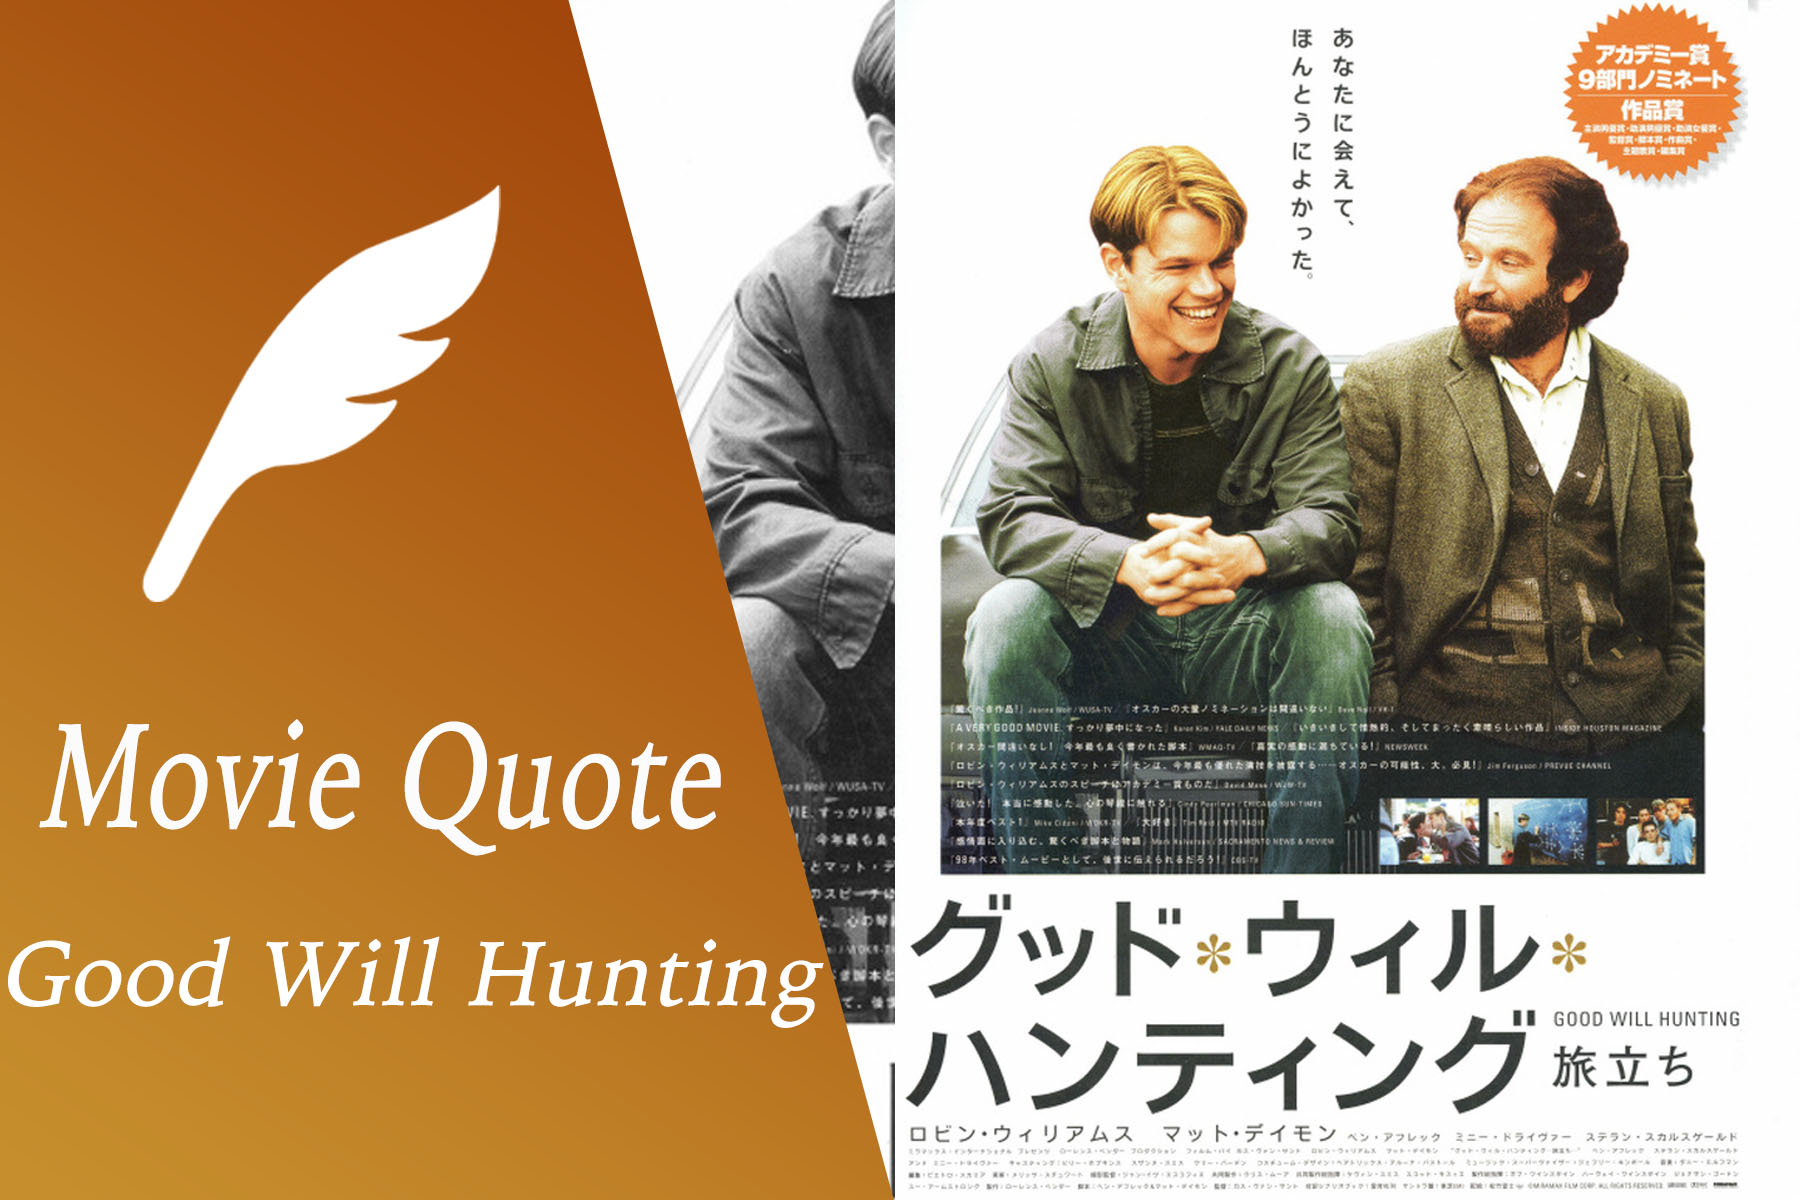 『グッド・ウィル・ハンティング/旅立ち』(1998)の名言・名セリフ一覧をまとめて紹介